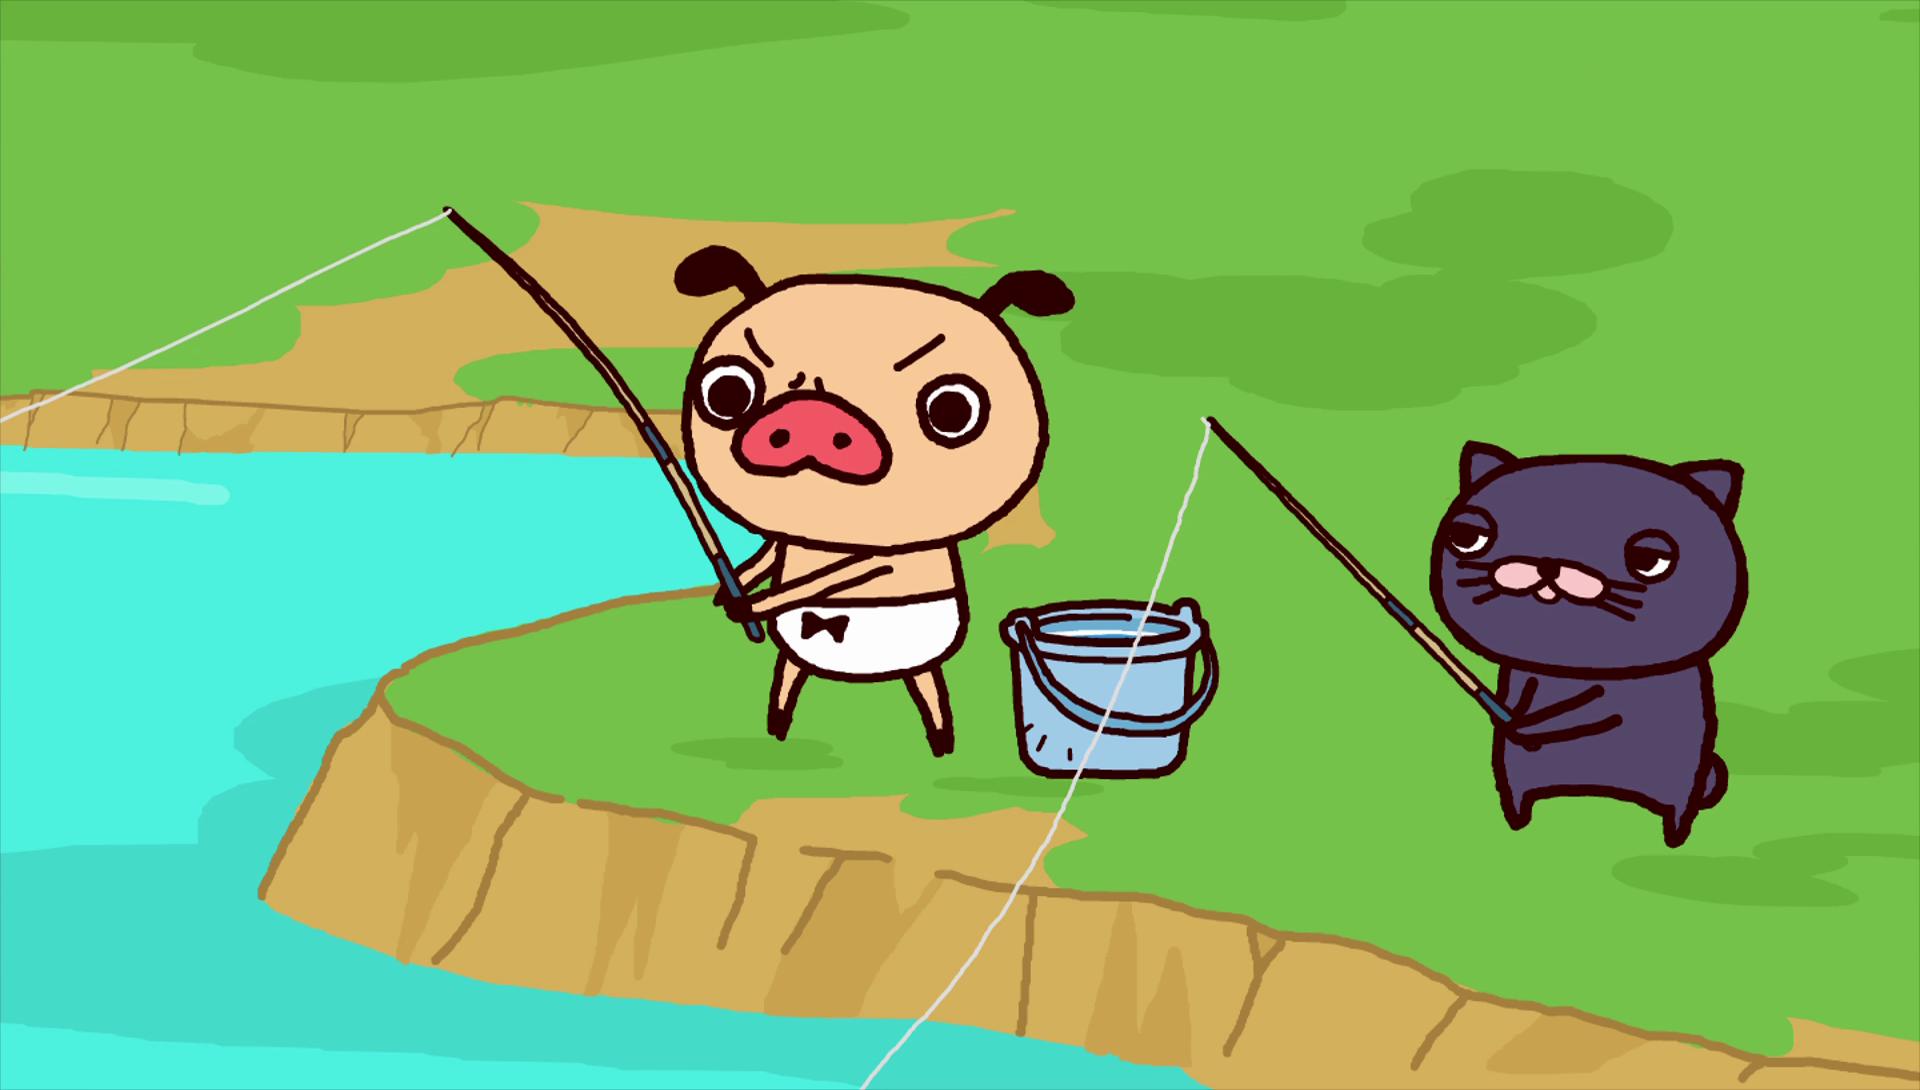 第16話「パンツガ池のヌシ」